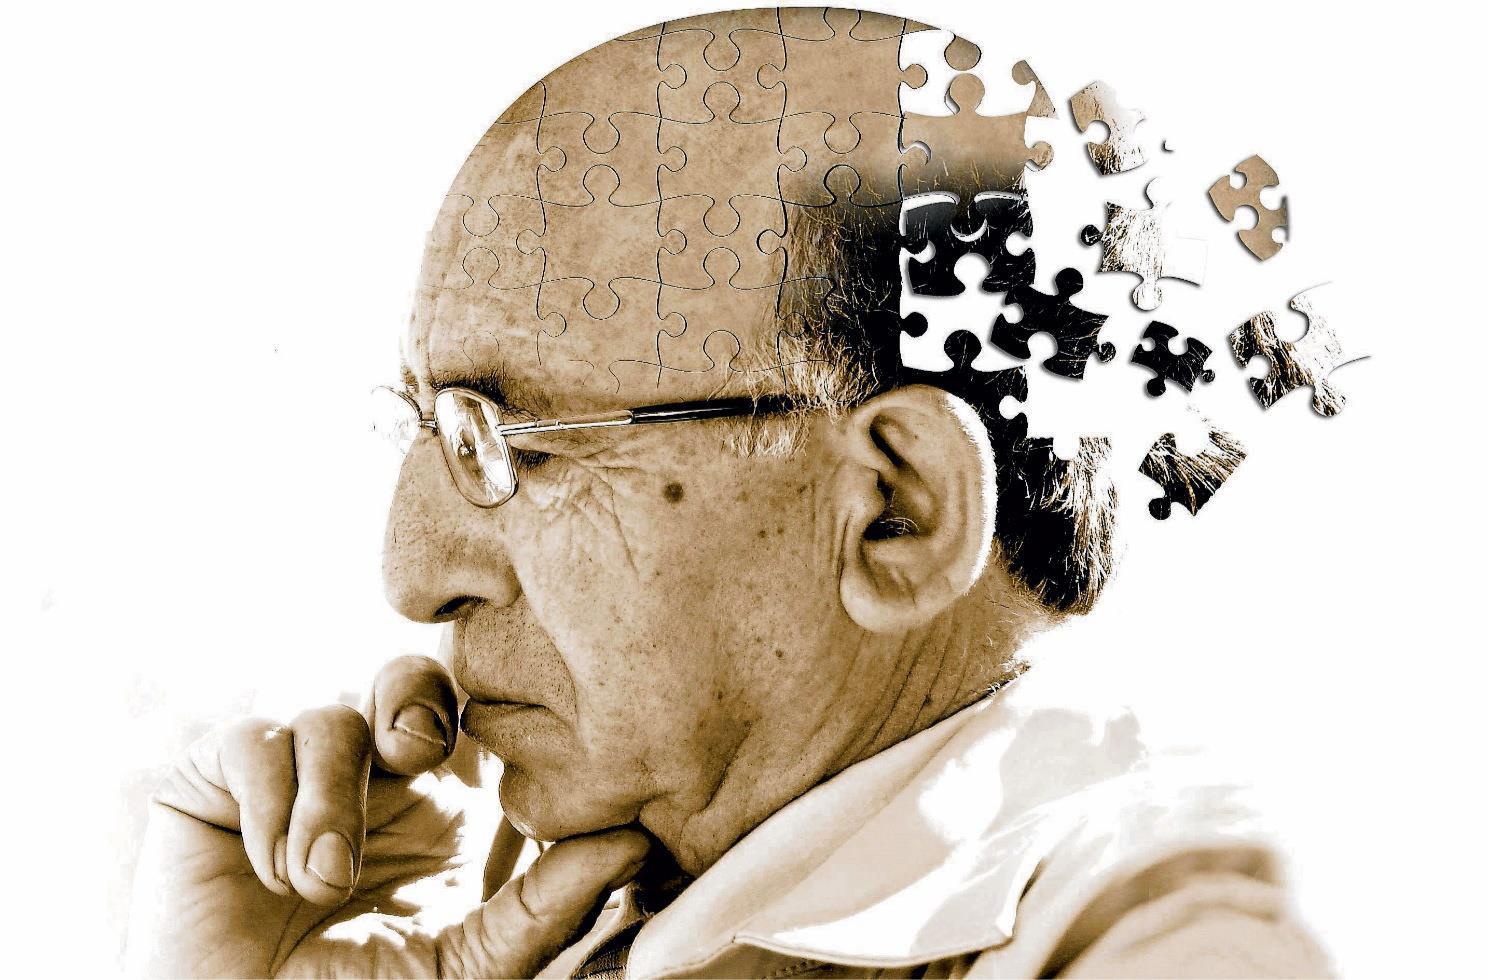 توصیههای برای کسانی که از مبتلایان به آلزایمر مراقبت میکنند